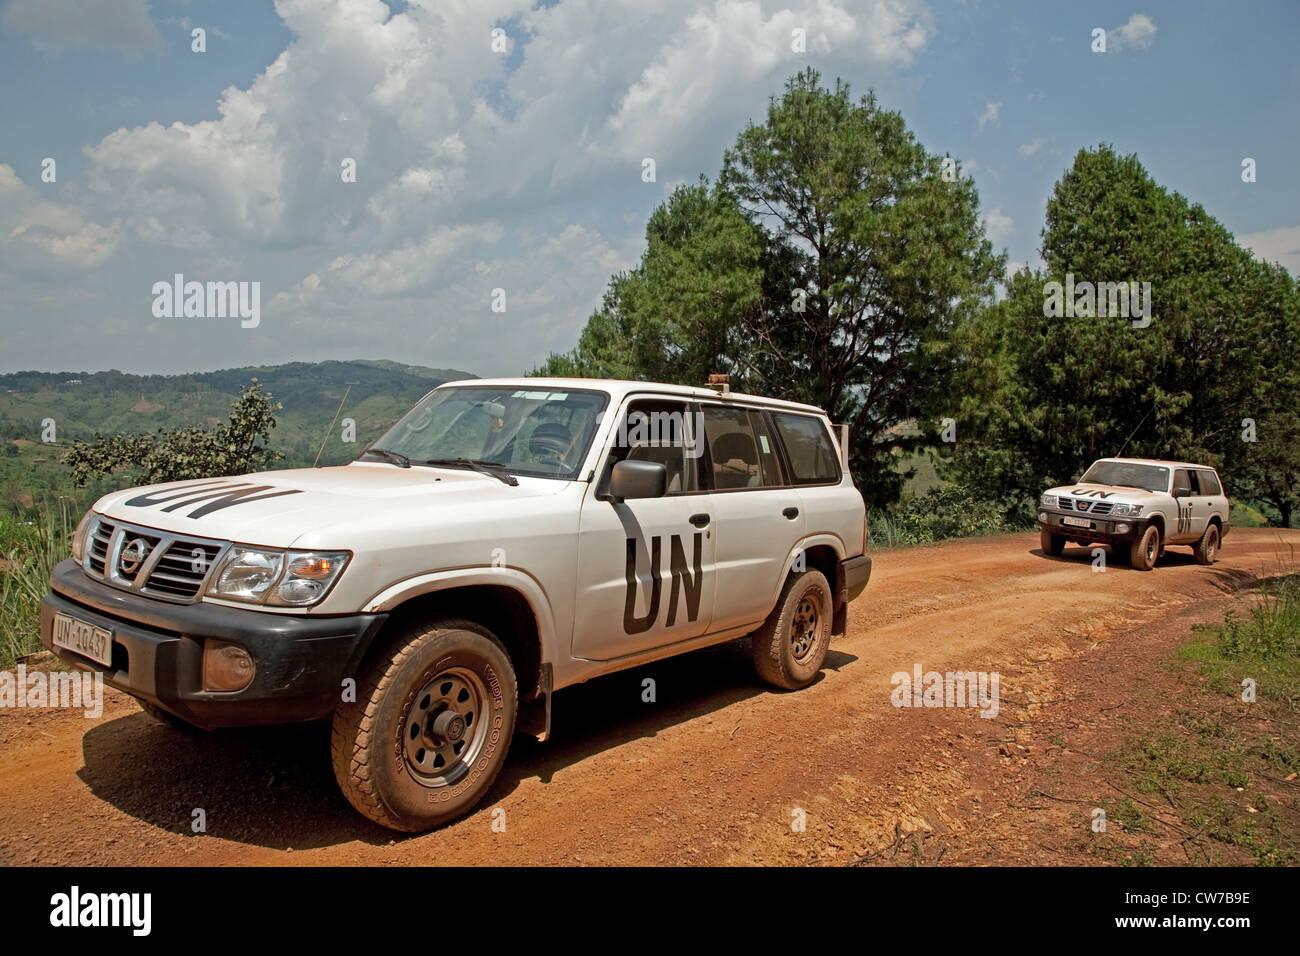 Véhicules tout-terrain de l'ONU sur route poussiéreuse, du Burundi, Gitega, Gitega Photo Stock